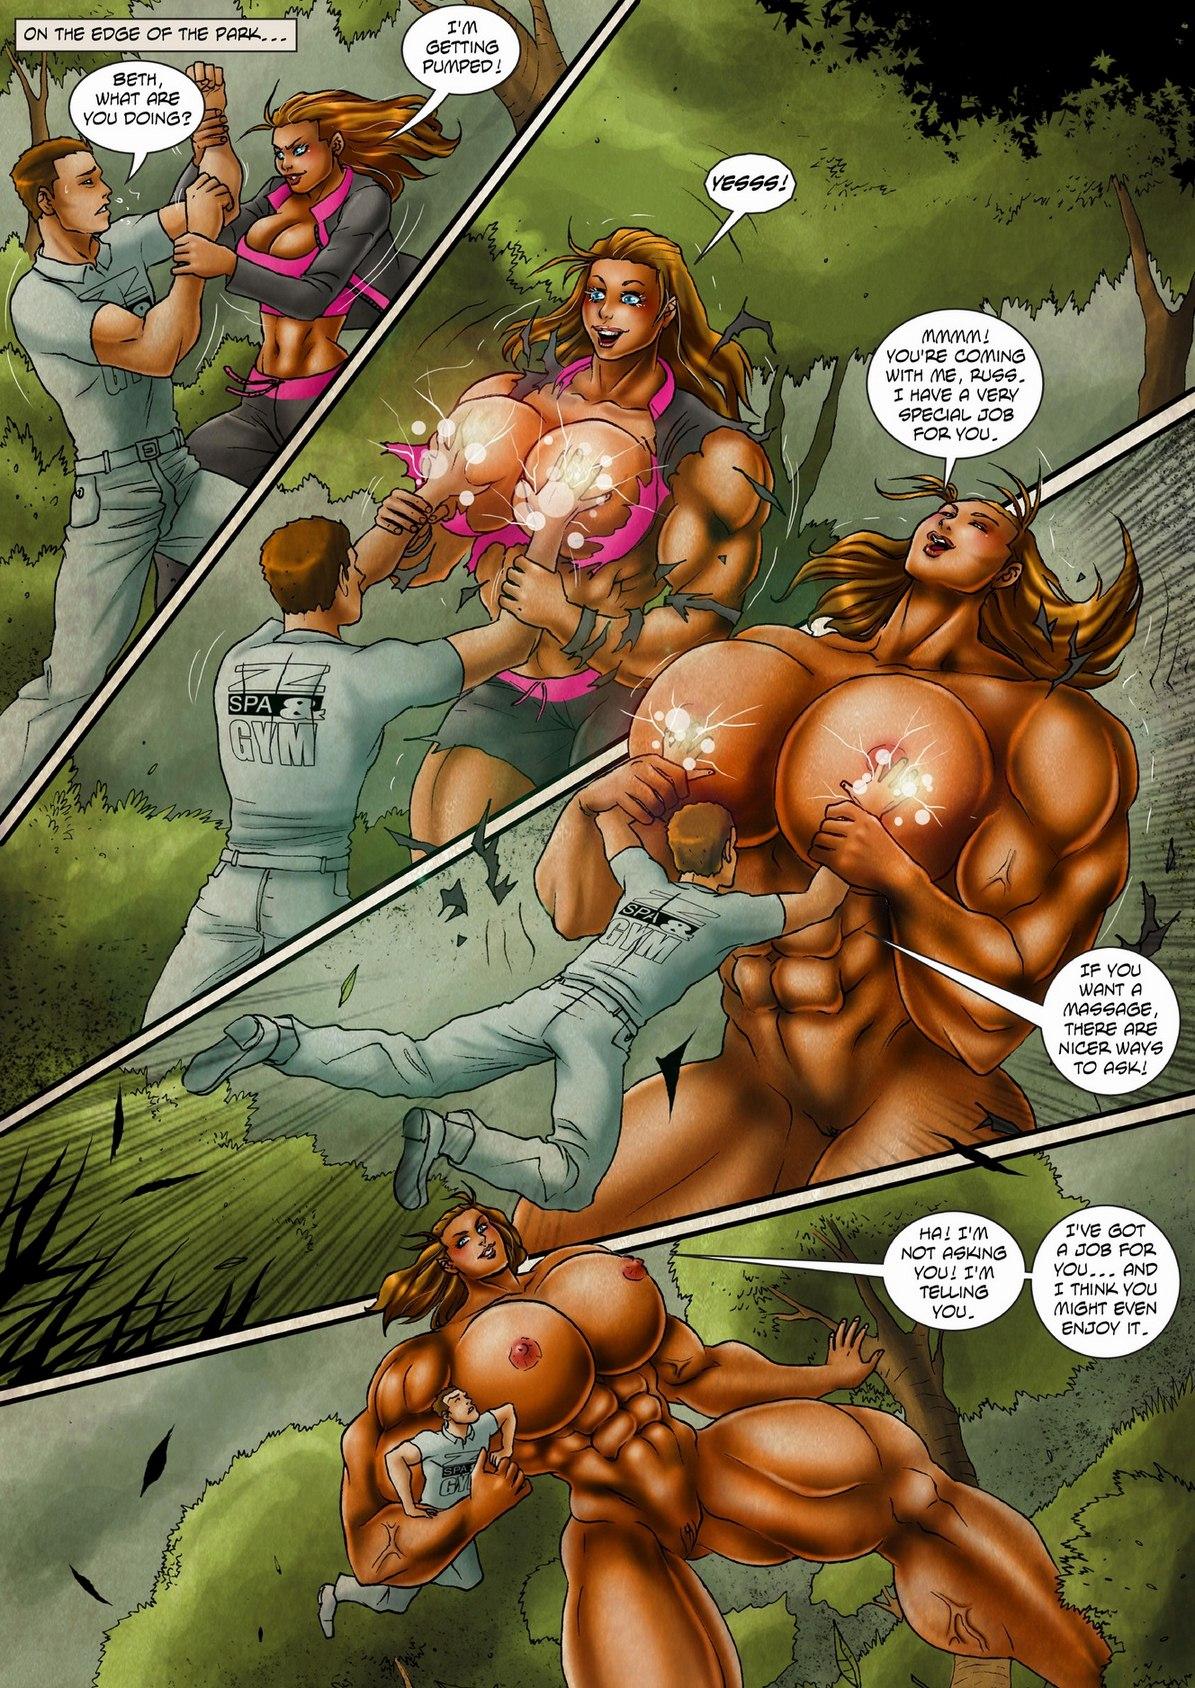 Wonder Woman Big Tits Cartoon